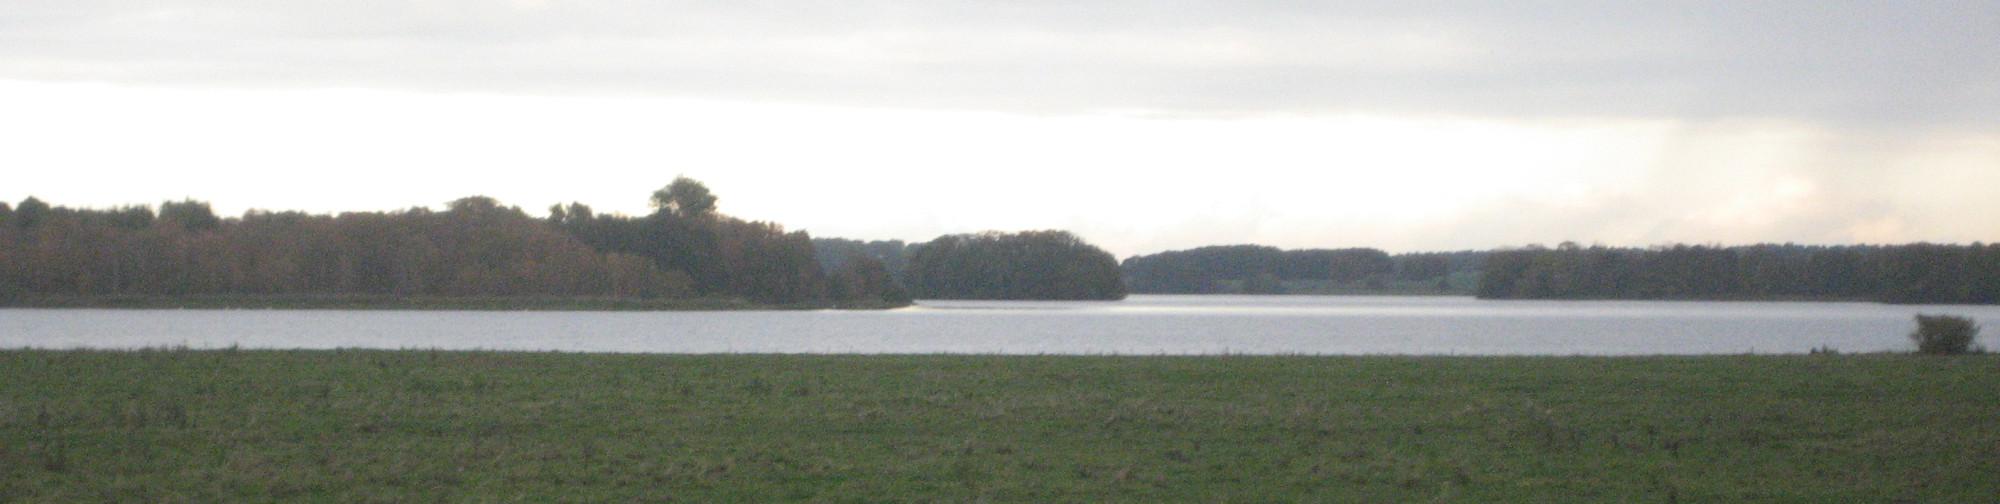 Psychotherapie Rheingau